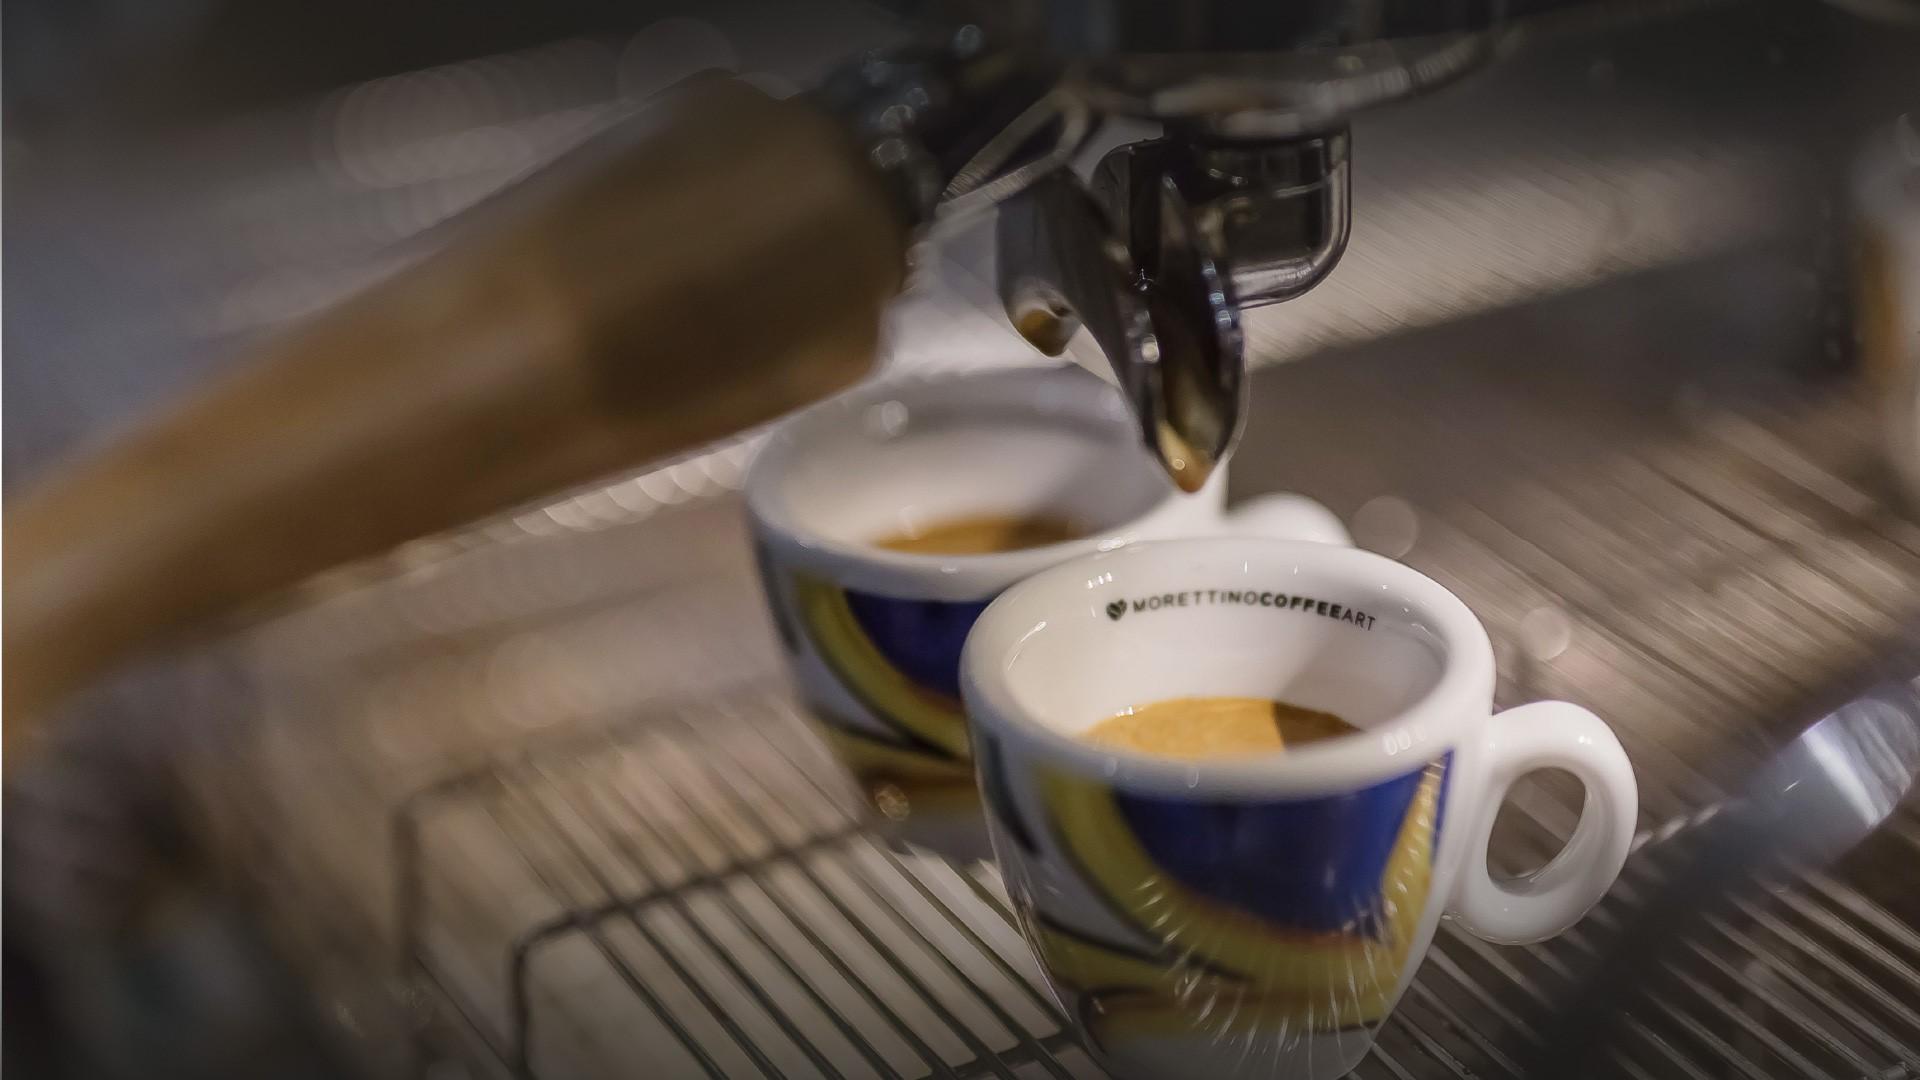 Come degustare il caffè Espresso: alcuni consigli utili